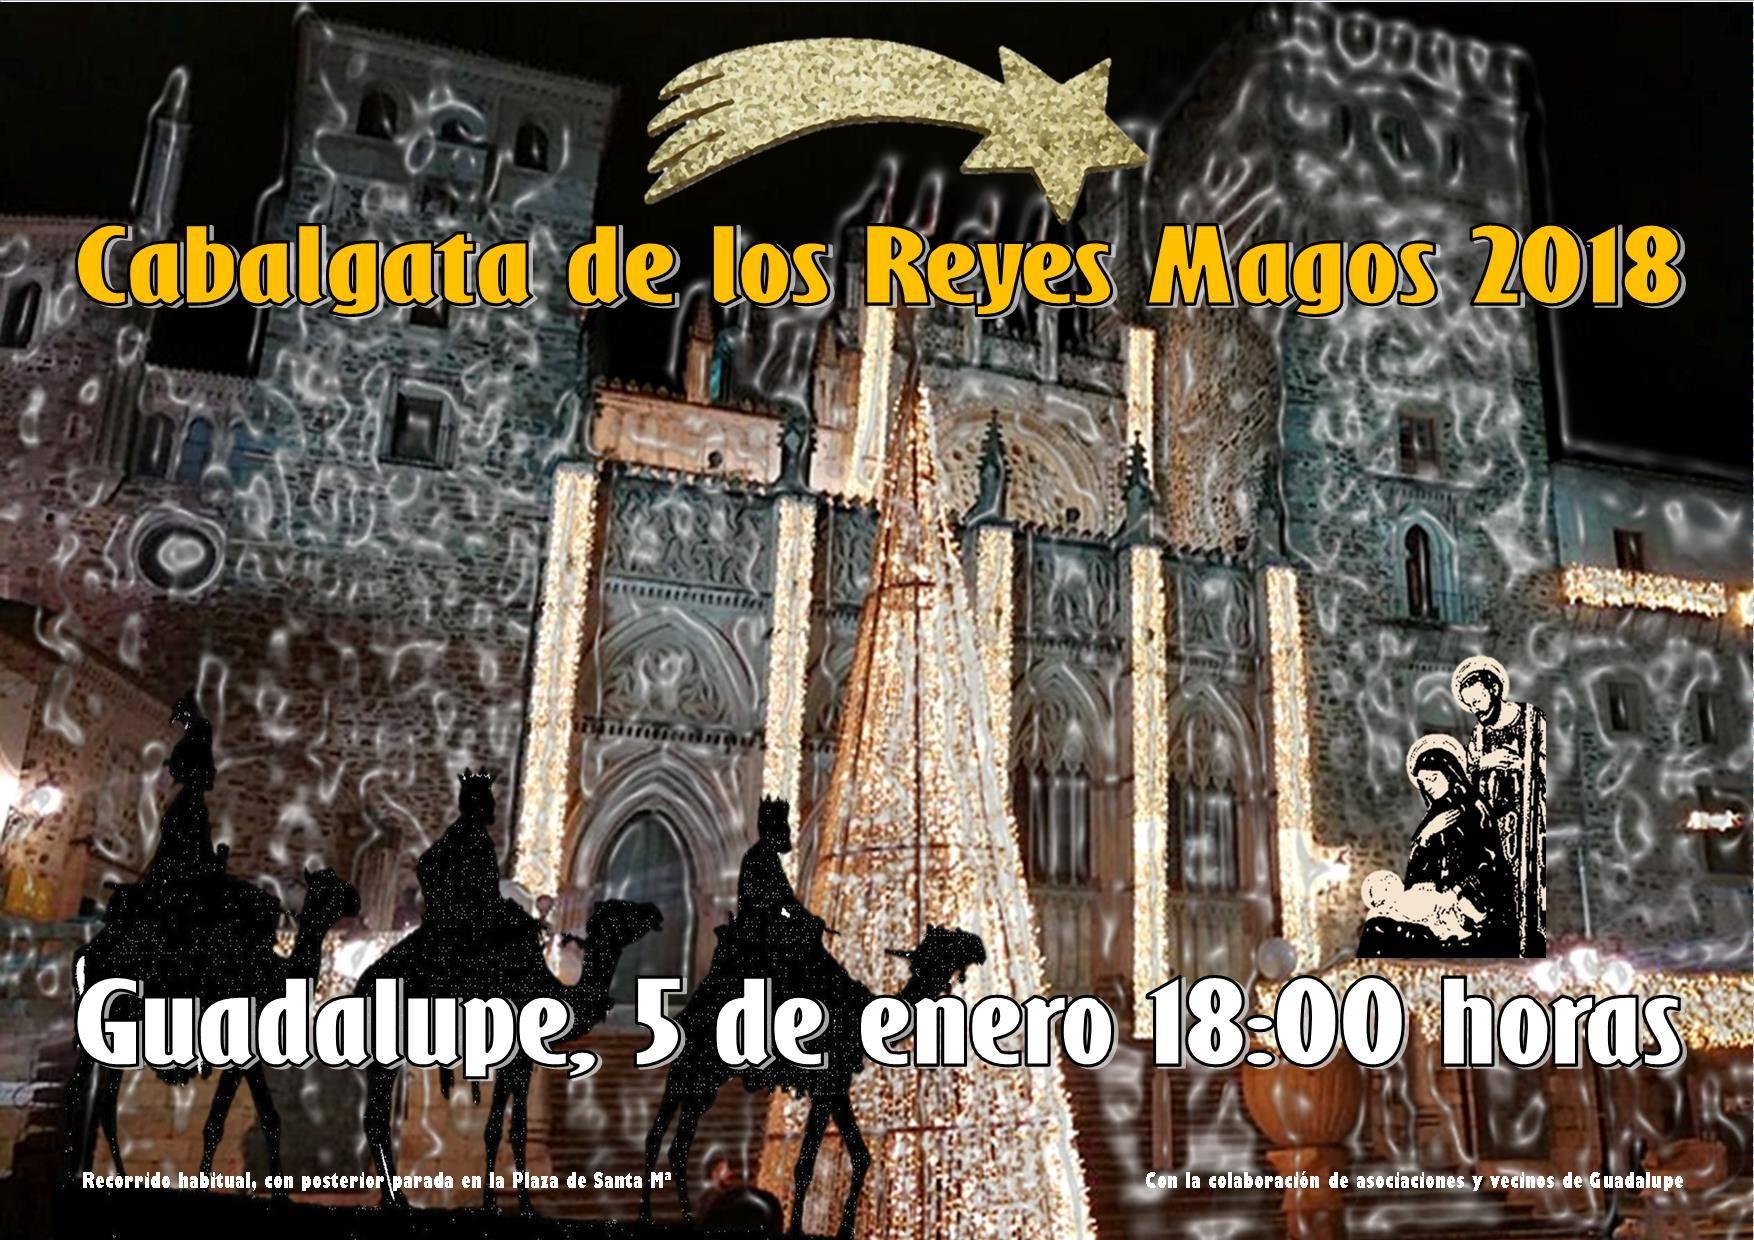 Cabalgata de los Reyes Magos 2018 - Guadalupe